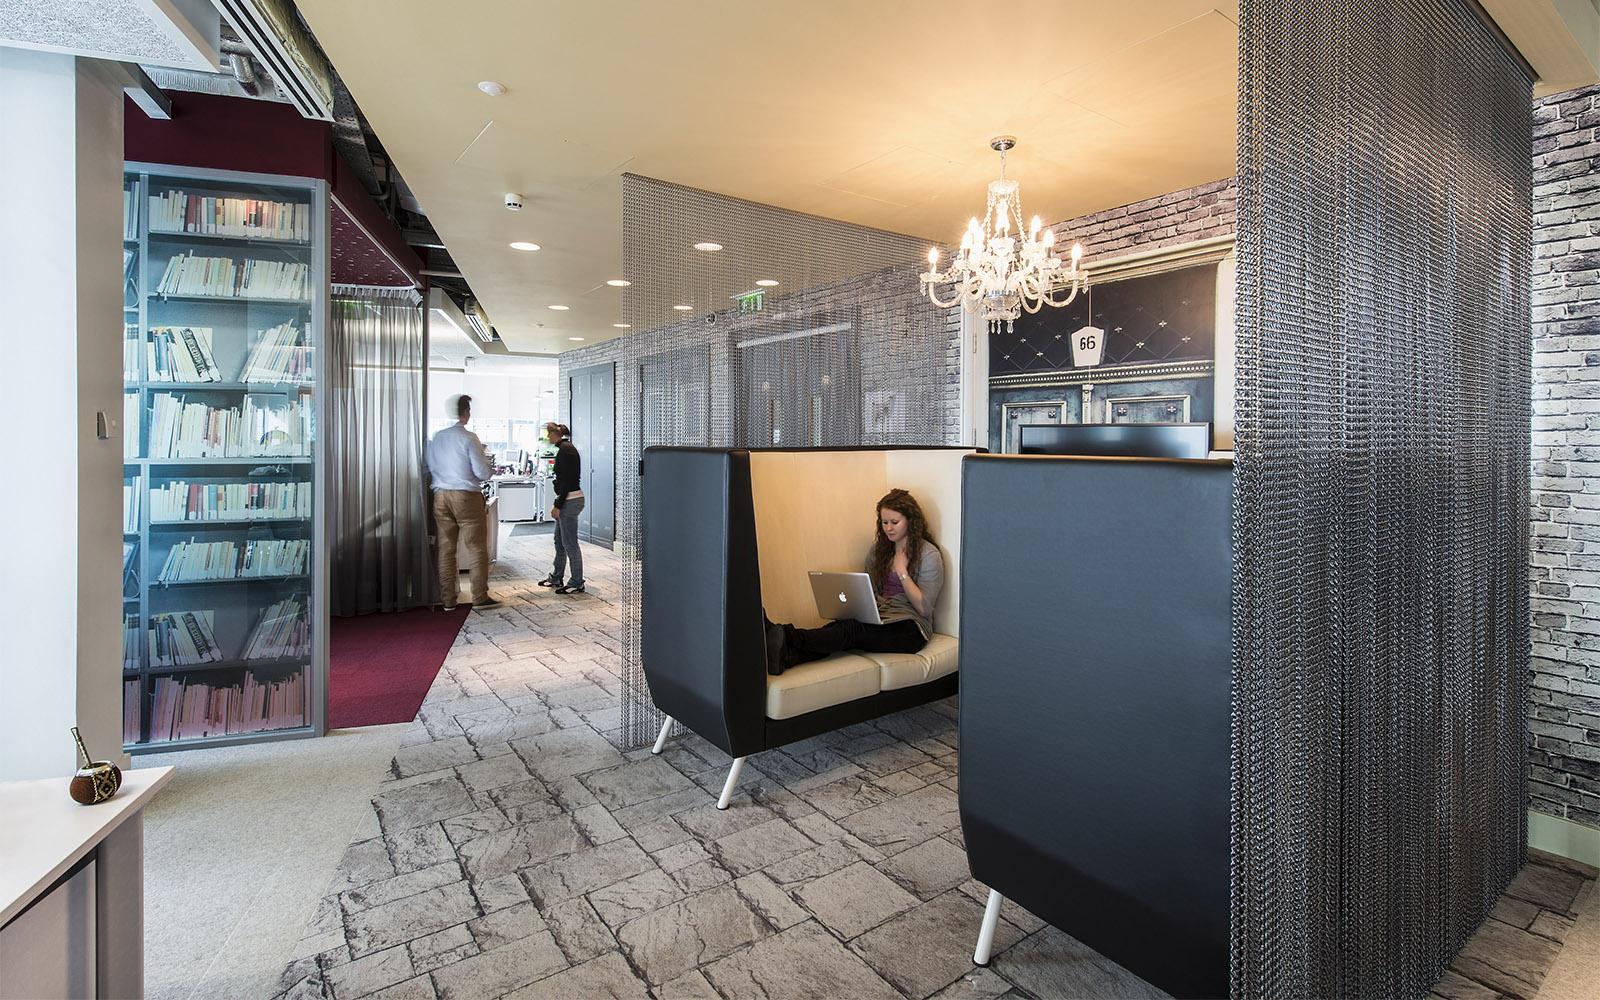 Sitzbereiche im Google Office Dublin in Grautönen mit gemustertem Teppich von ege